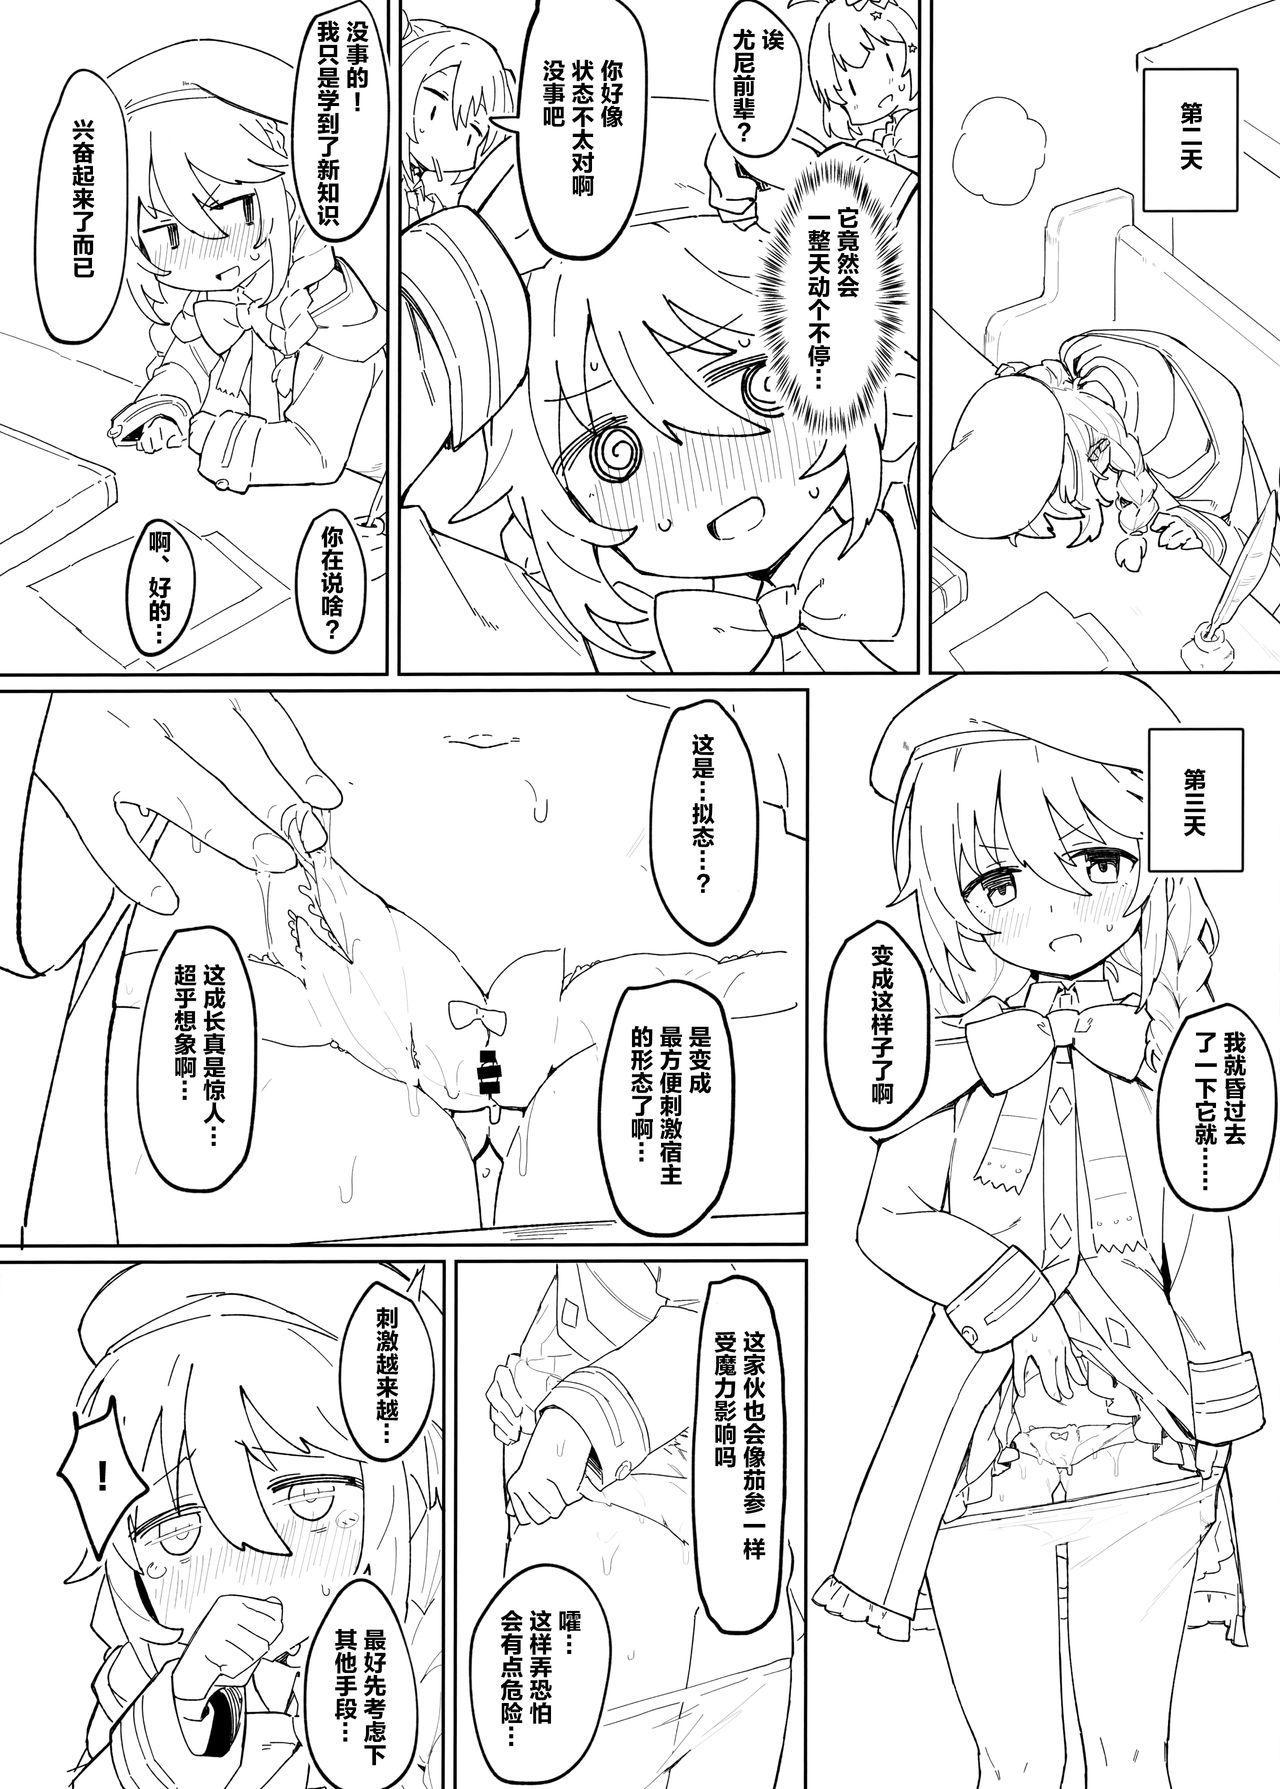 Shokushu to Yuni Senpai | 触手与尤尼前辈 4